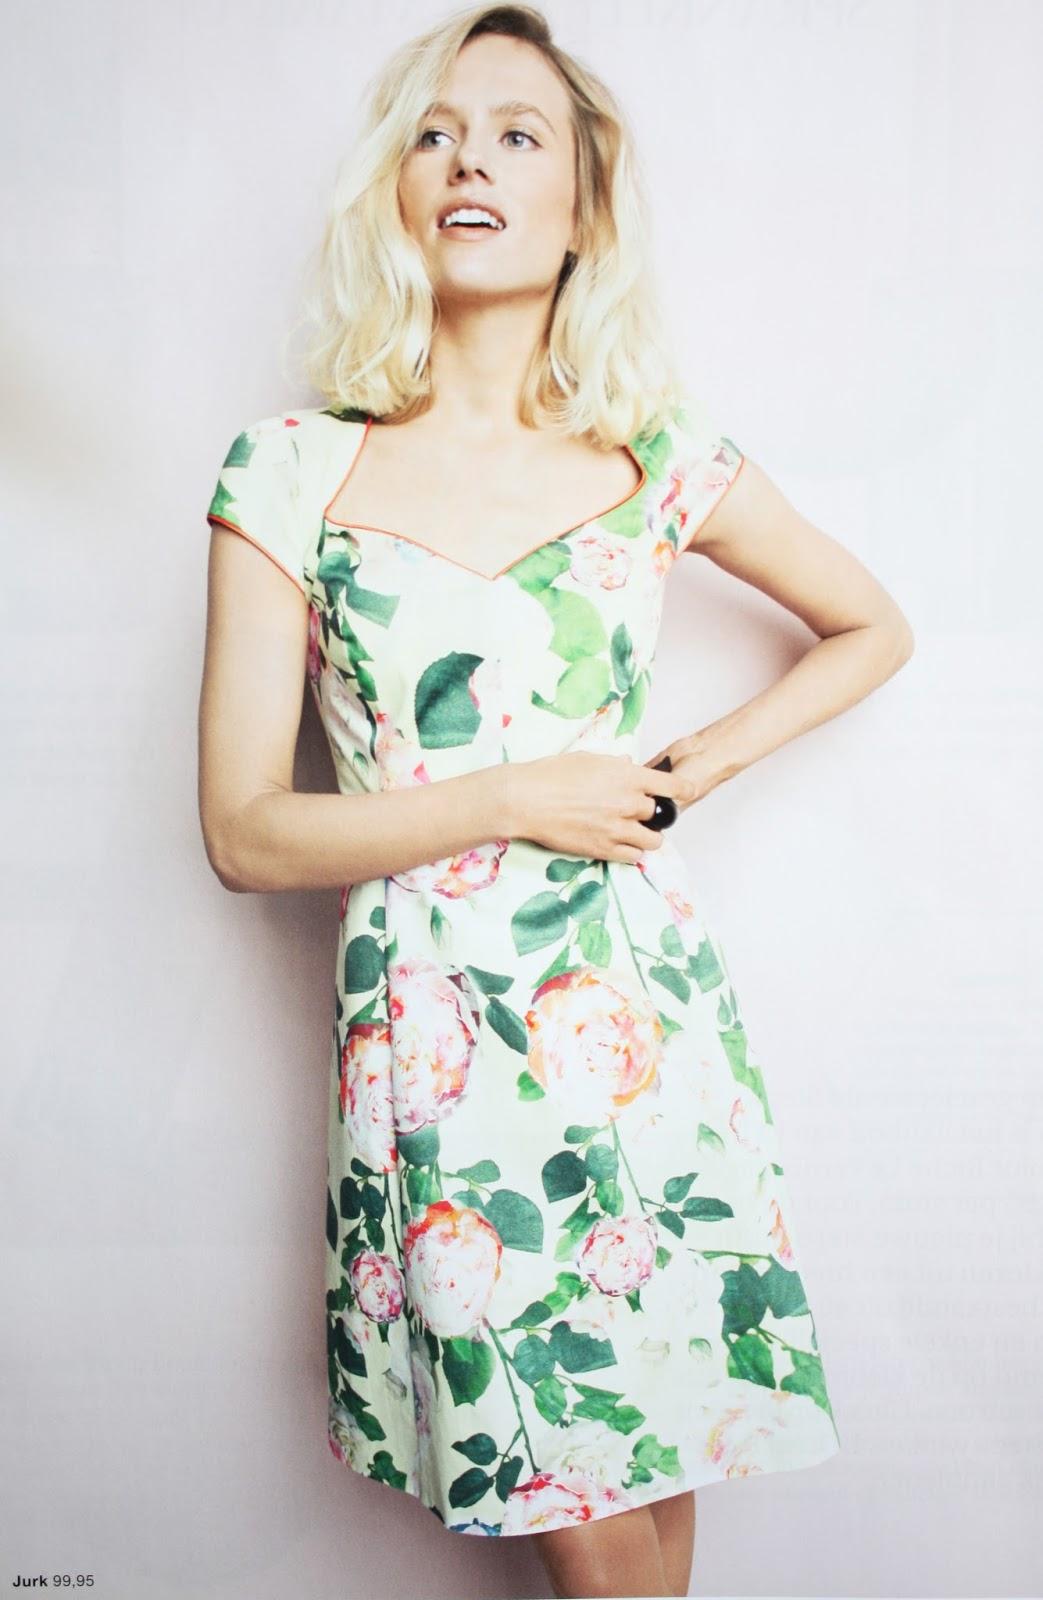 d8f25d9803dad1 Dit jurkje is gemaakt van 97% katoen met een 3% elastaan... dus dat draagt  heerlijk. Helaas is de voering van 100% polyester. Ik heb dan liever in de  zomer ...